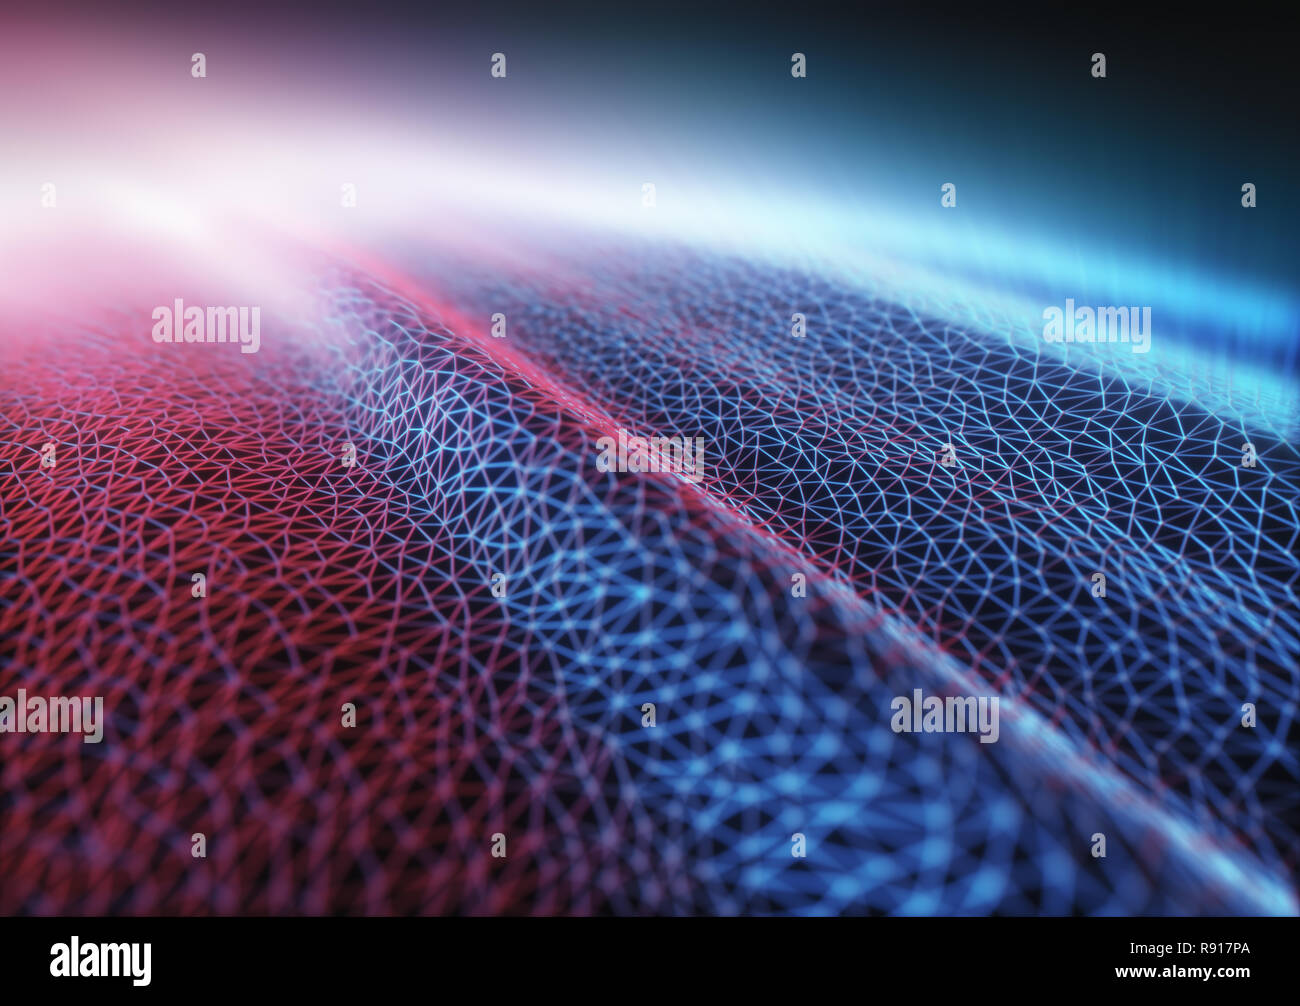 3D-Darstellung. Abstract background Image. Farbige mesh, miteinander verbundenen Linien. Stockbild